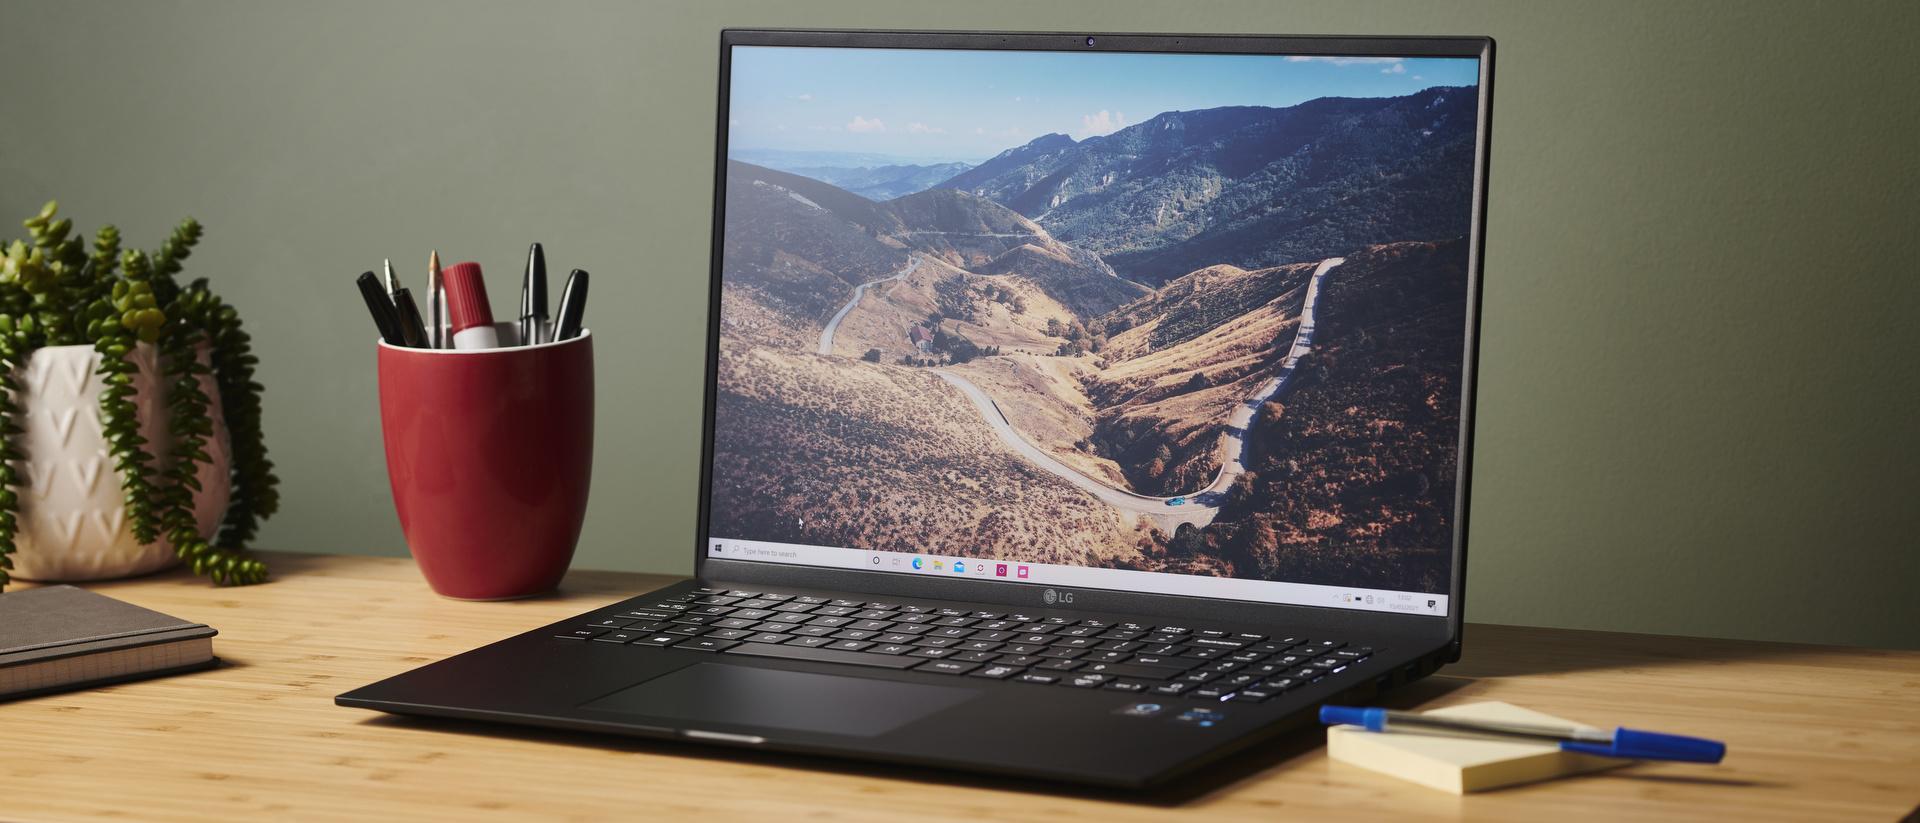 LG Gram 17 (2021): the lightest 17-inch laptop